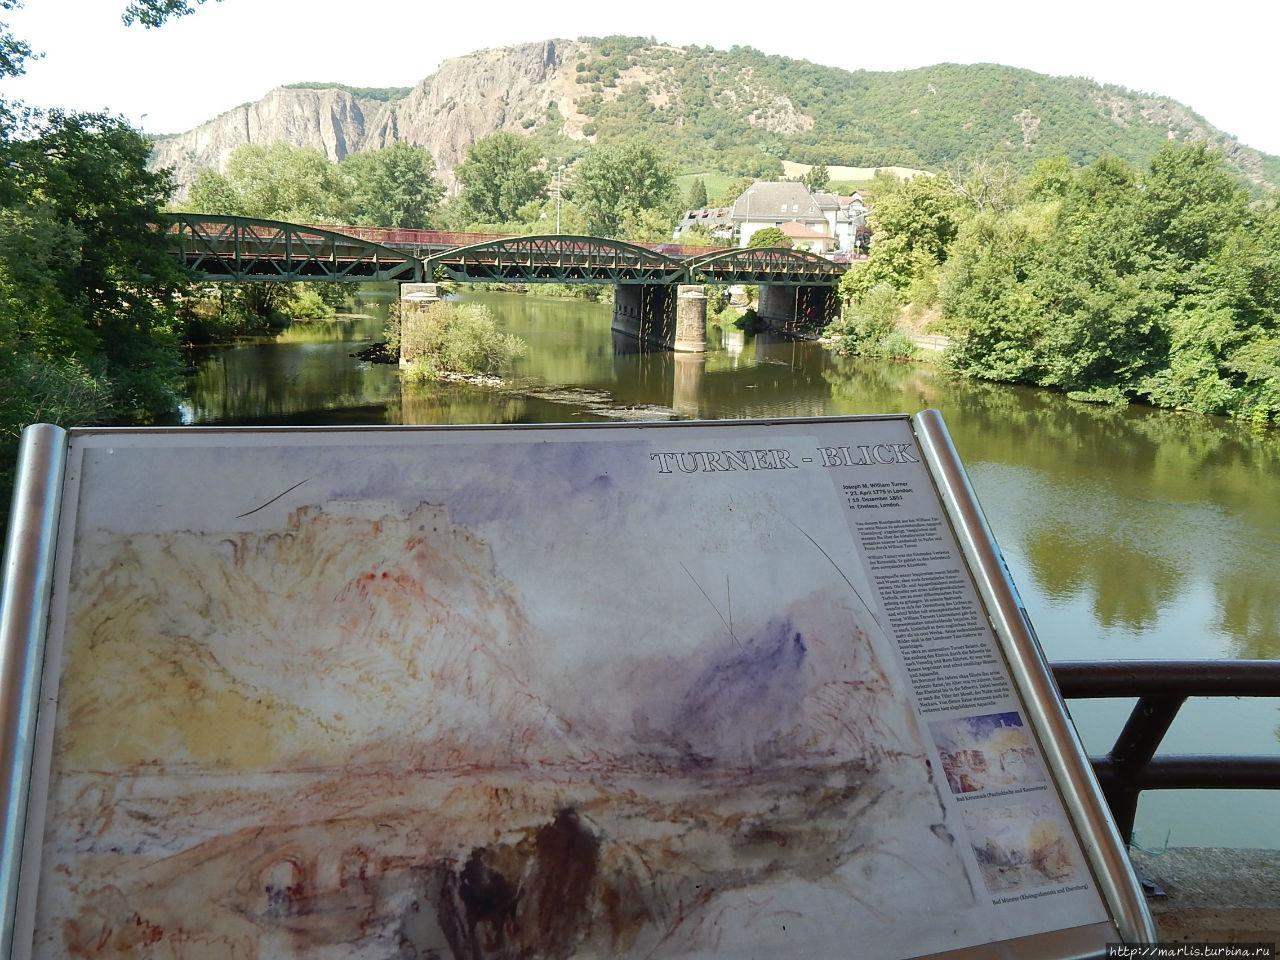 Ети места изобразил на своих акварелях английский художник Уильям Тернер